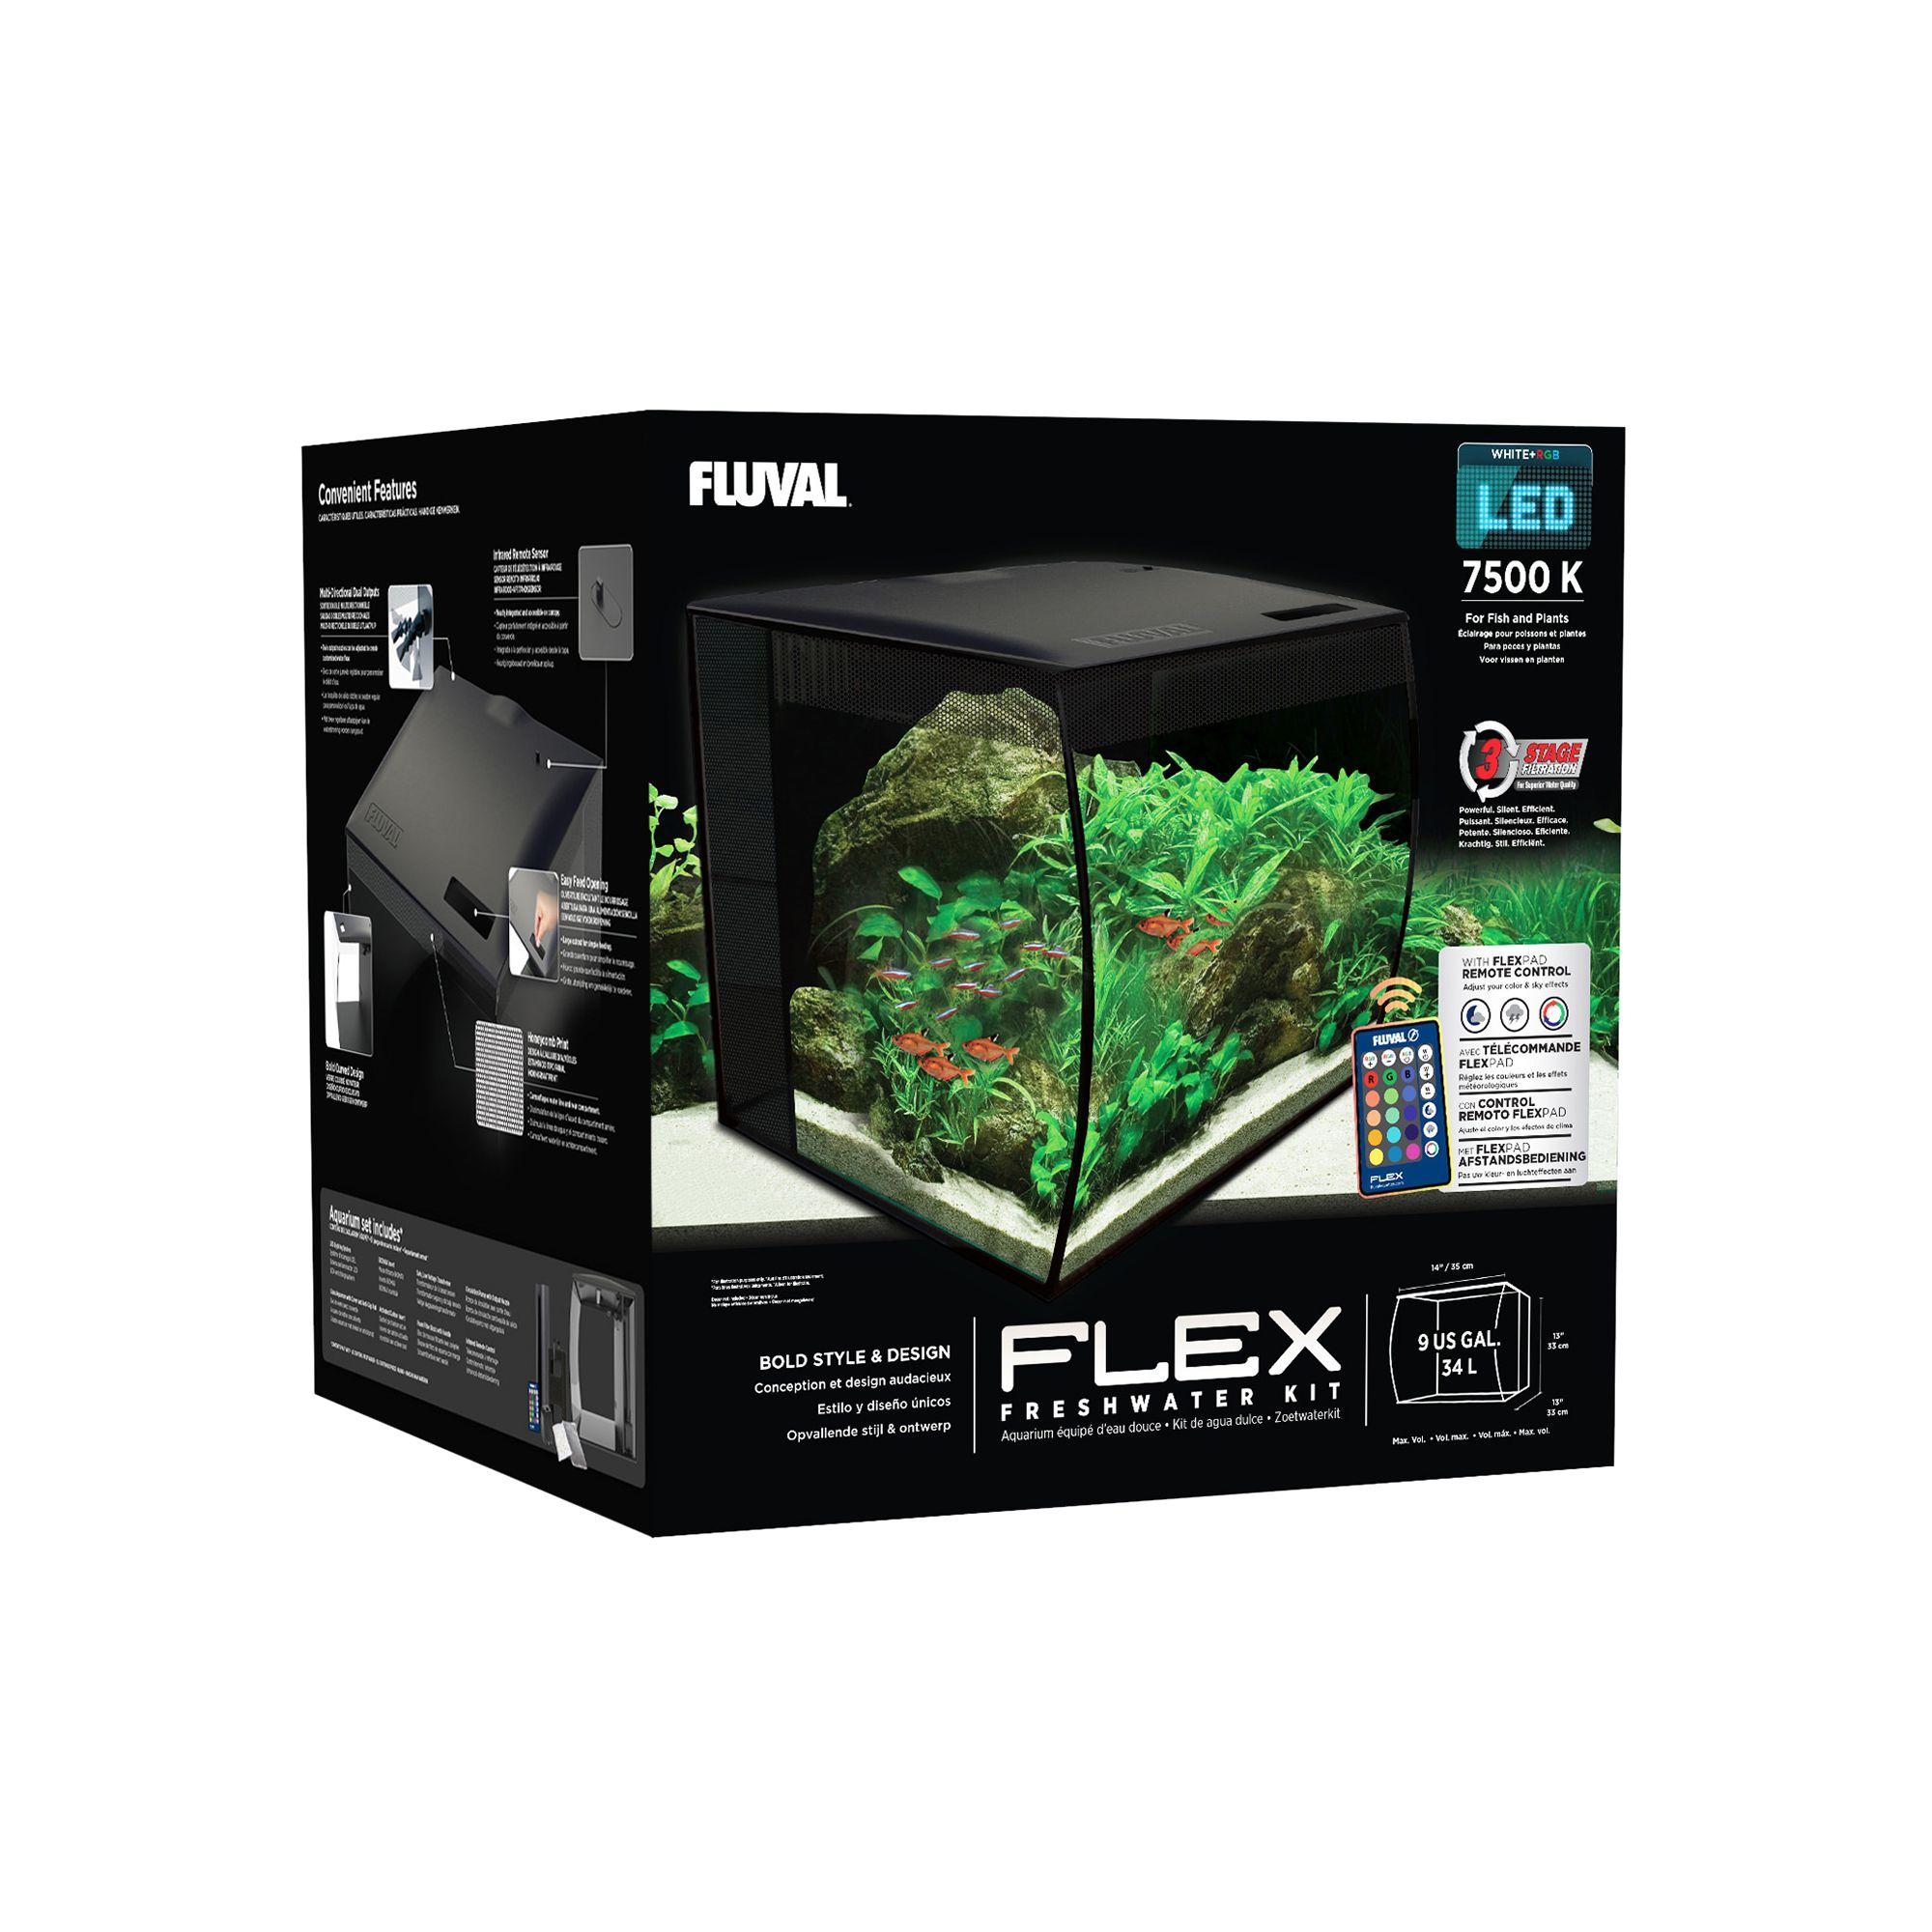 Fluval Flex 9 Gallon Aquarium Kit